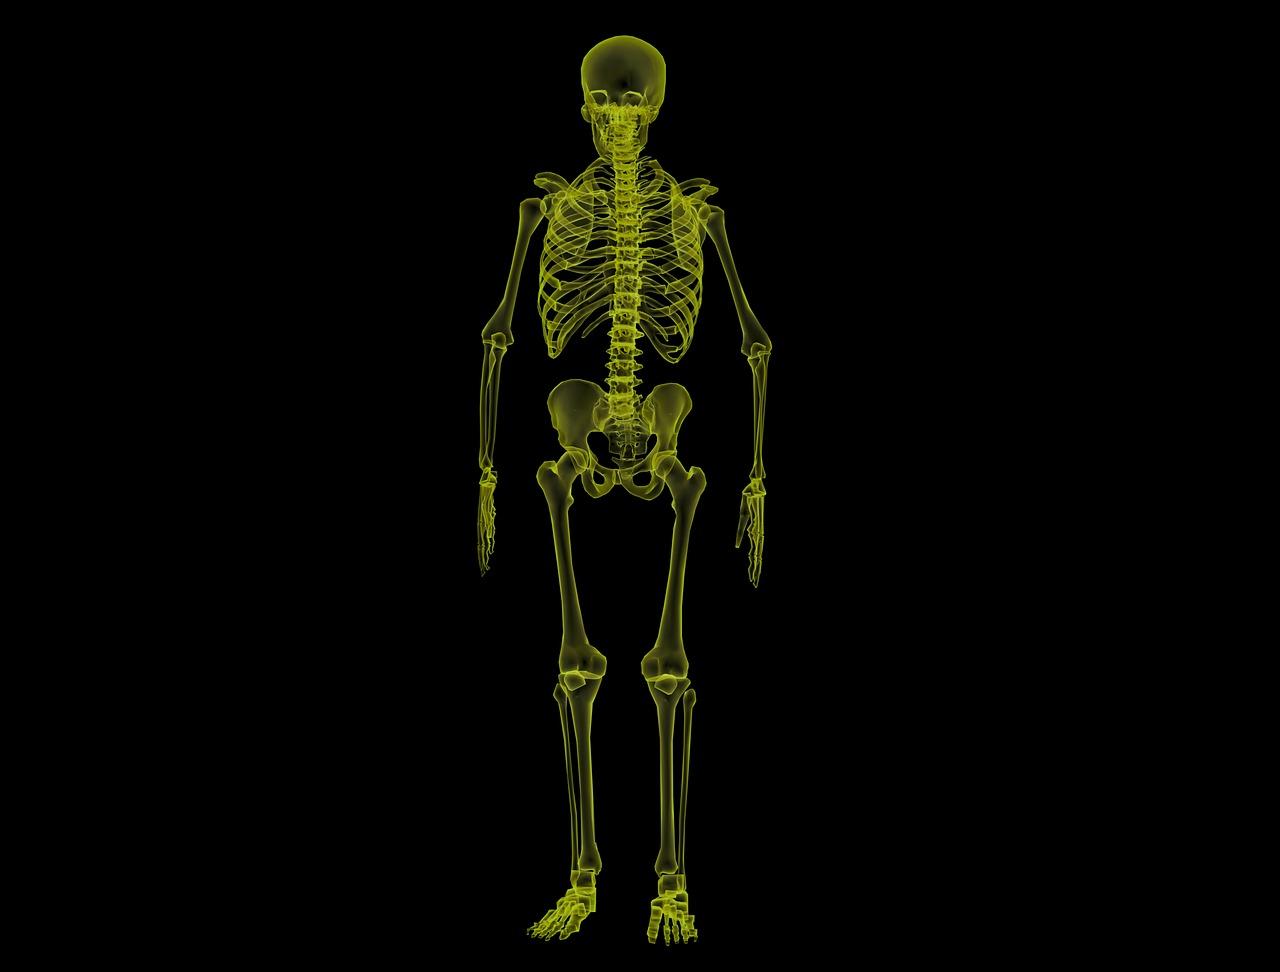 Human Skeleton 1813086 1280